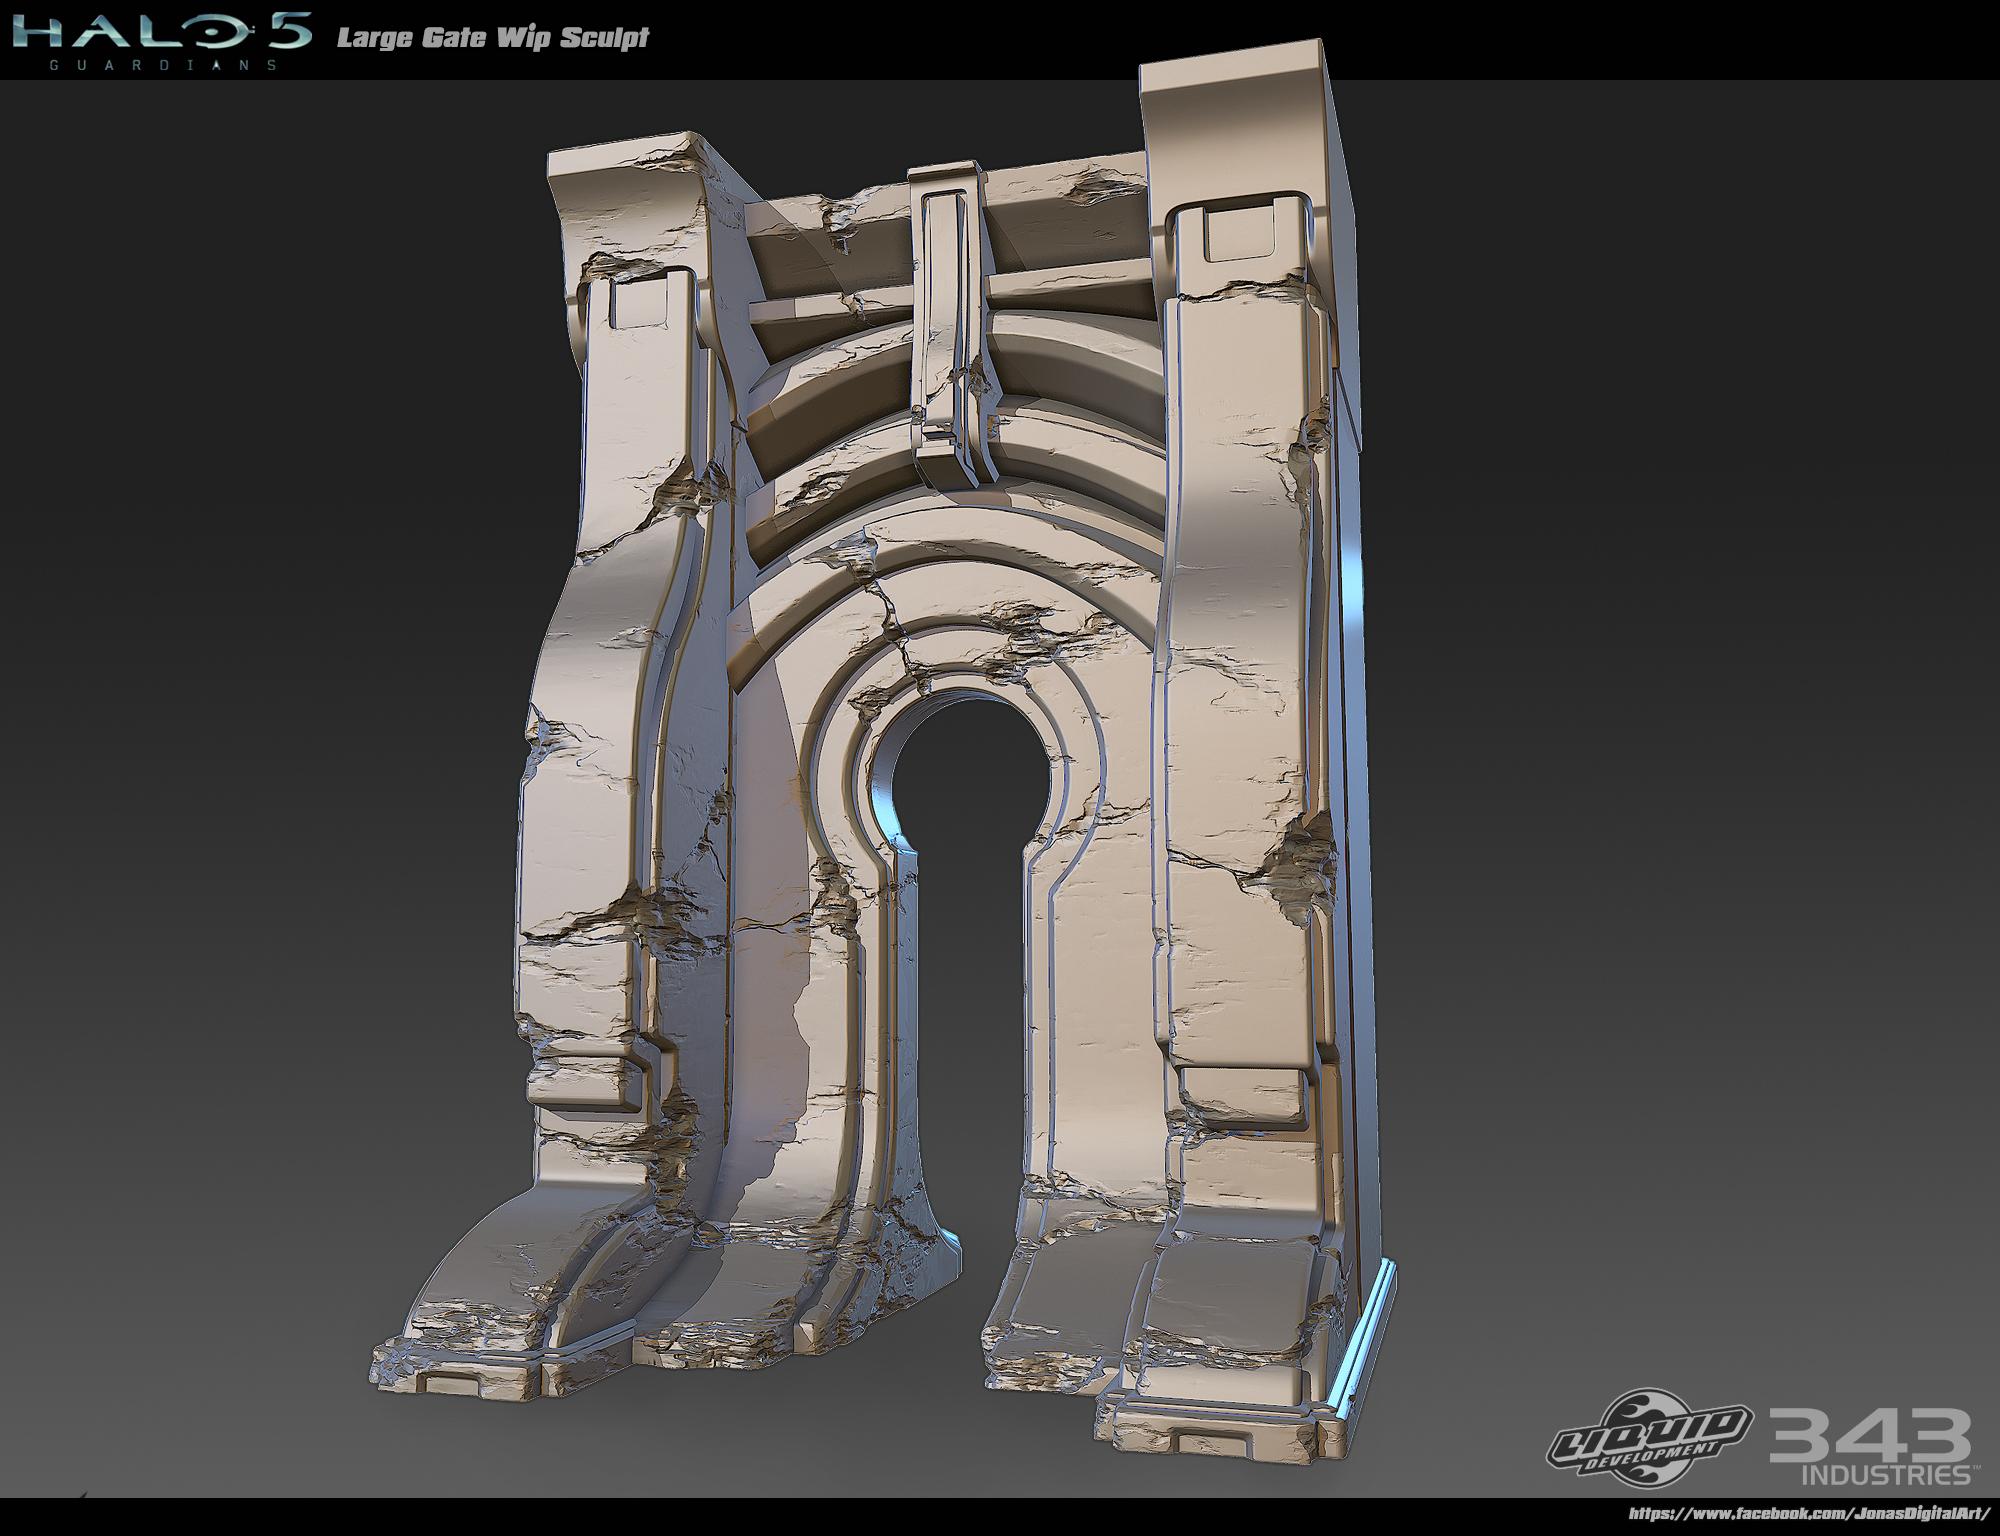 Halo 5 - Big gate